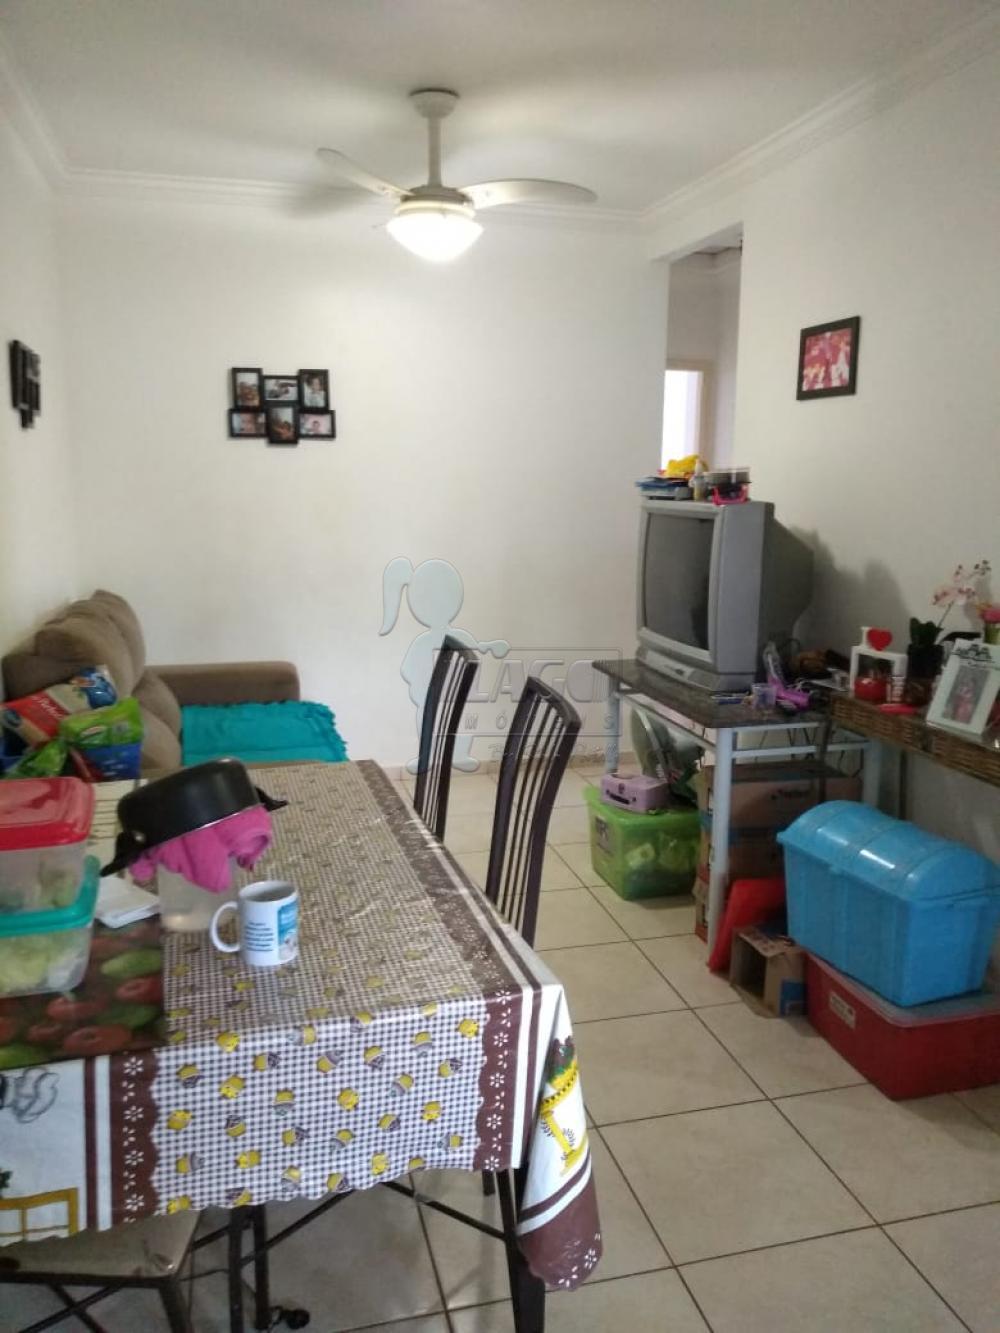 Alugar Casas / Condomínio em Ribeirão Preto apenas R$ 1.600,00 - Foto 7